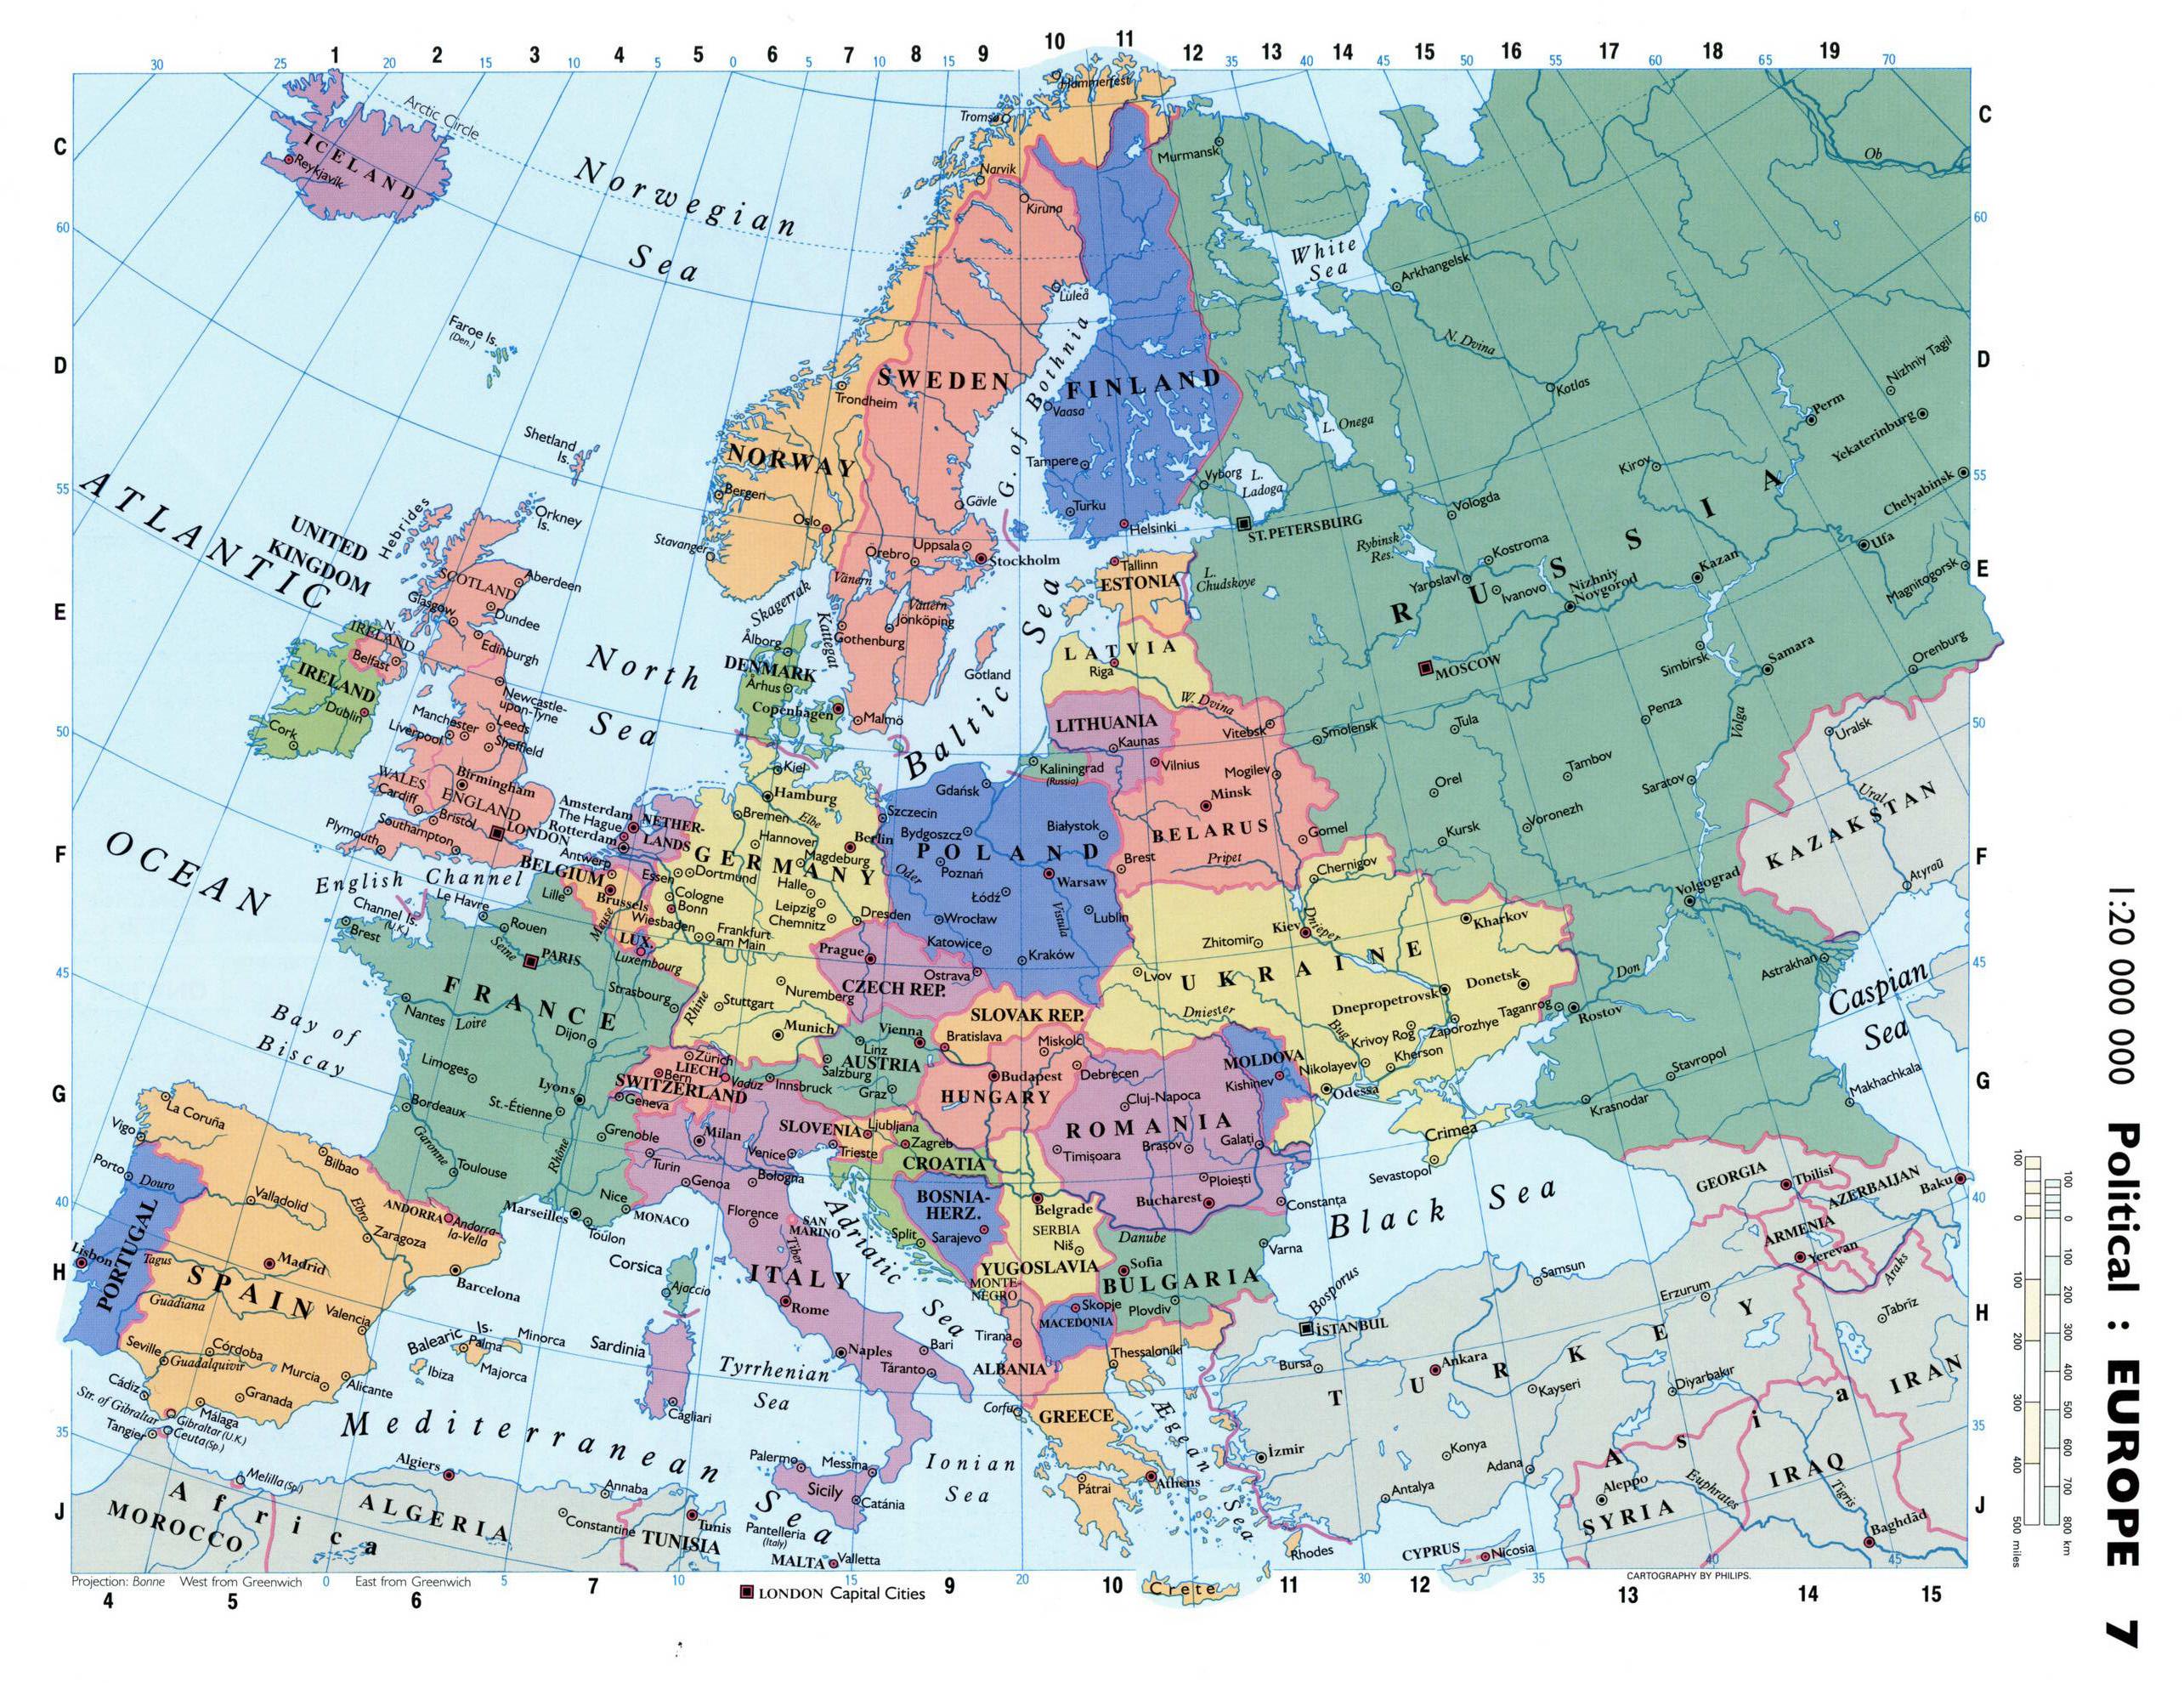 Karty Evropy Karta Evropy Na Russkom Yazyke Politicheskaya